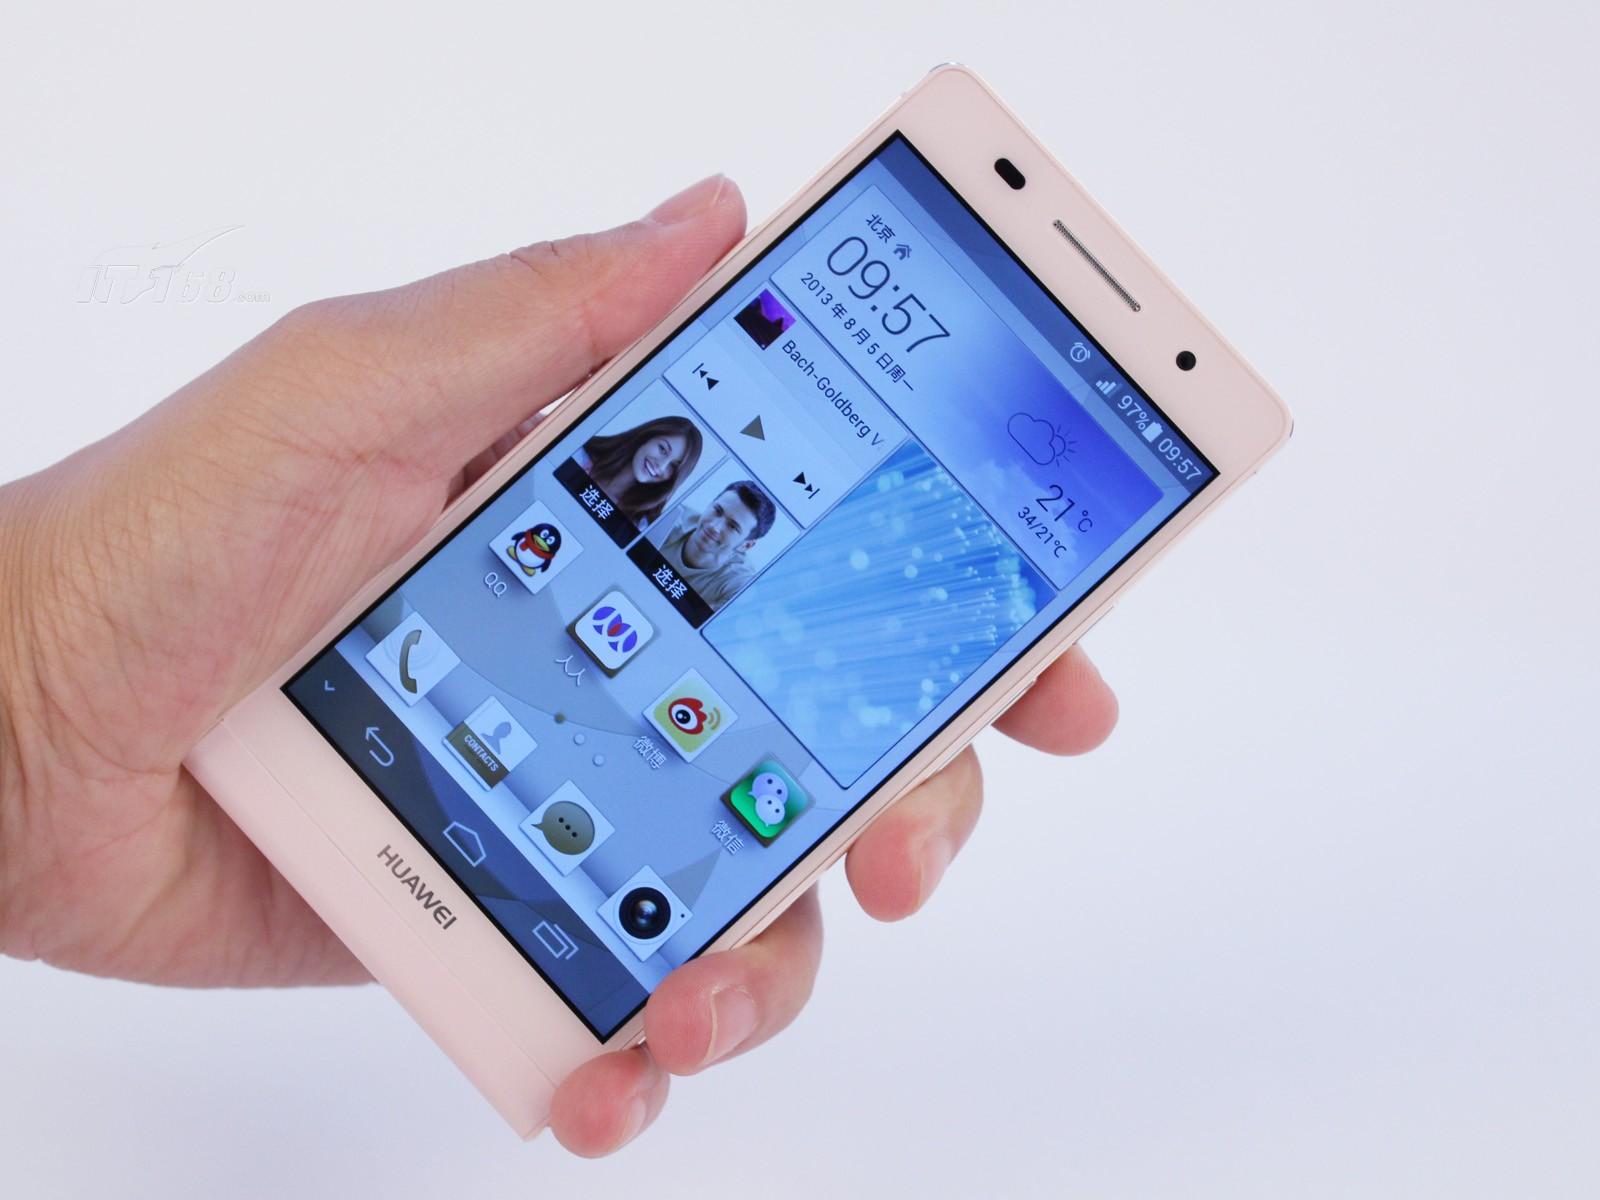 华为p6 联通3g手机(粉色)wcdma/gsm非合约机细节图片9